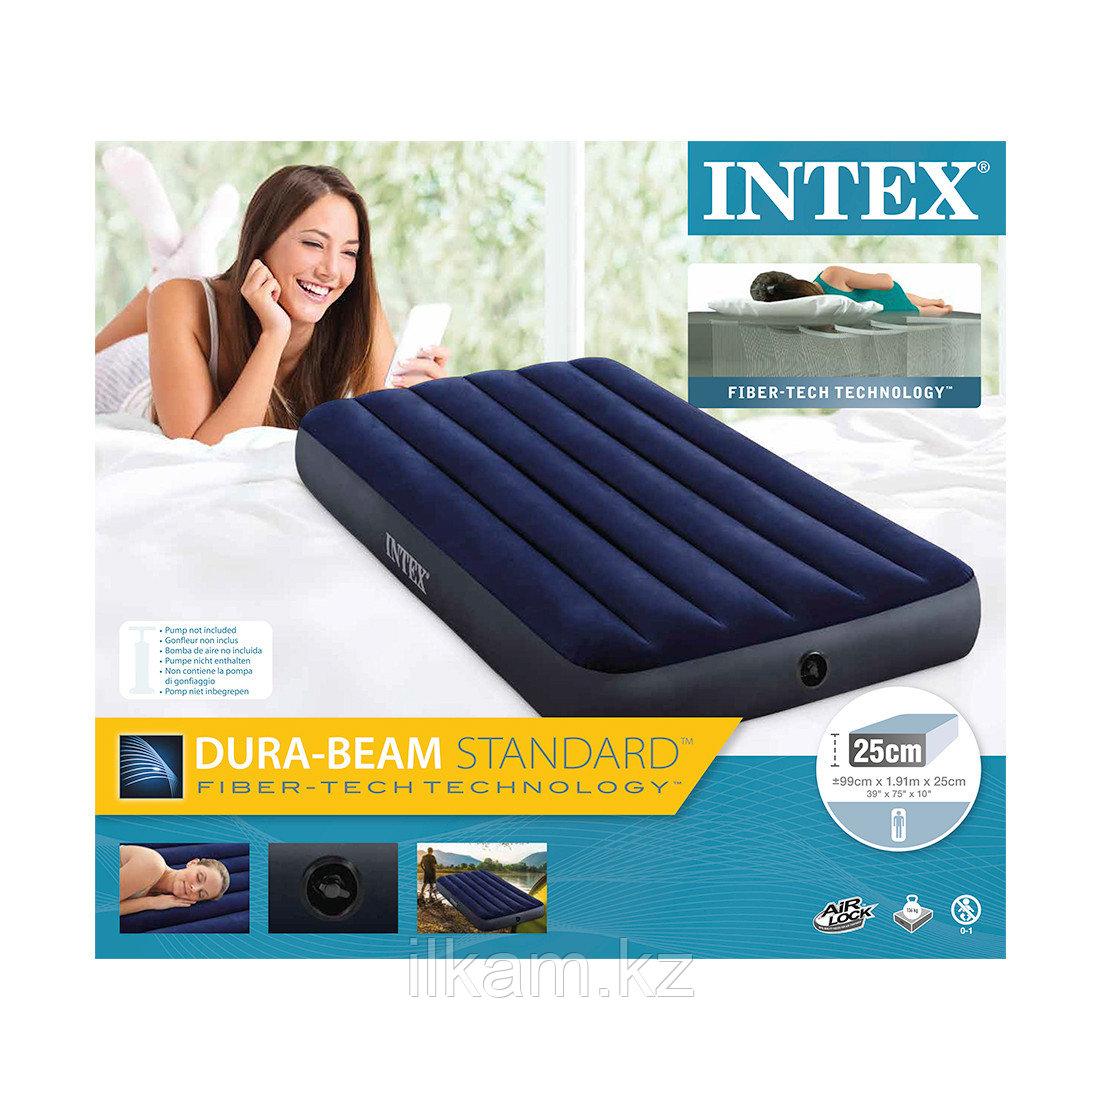 Надувной матрас INTEX 191 х 99 х 25 см